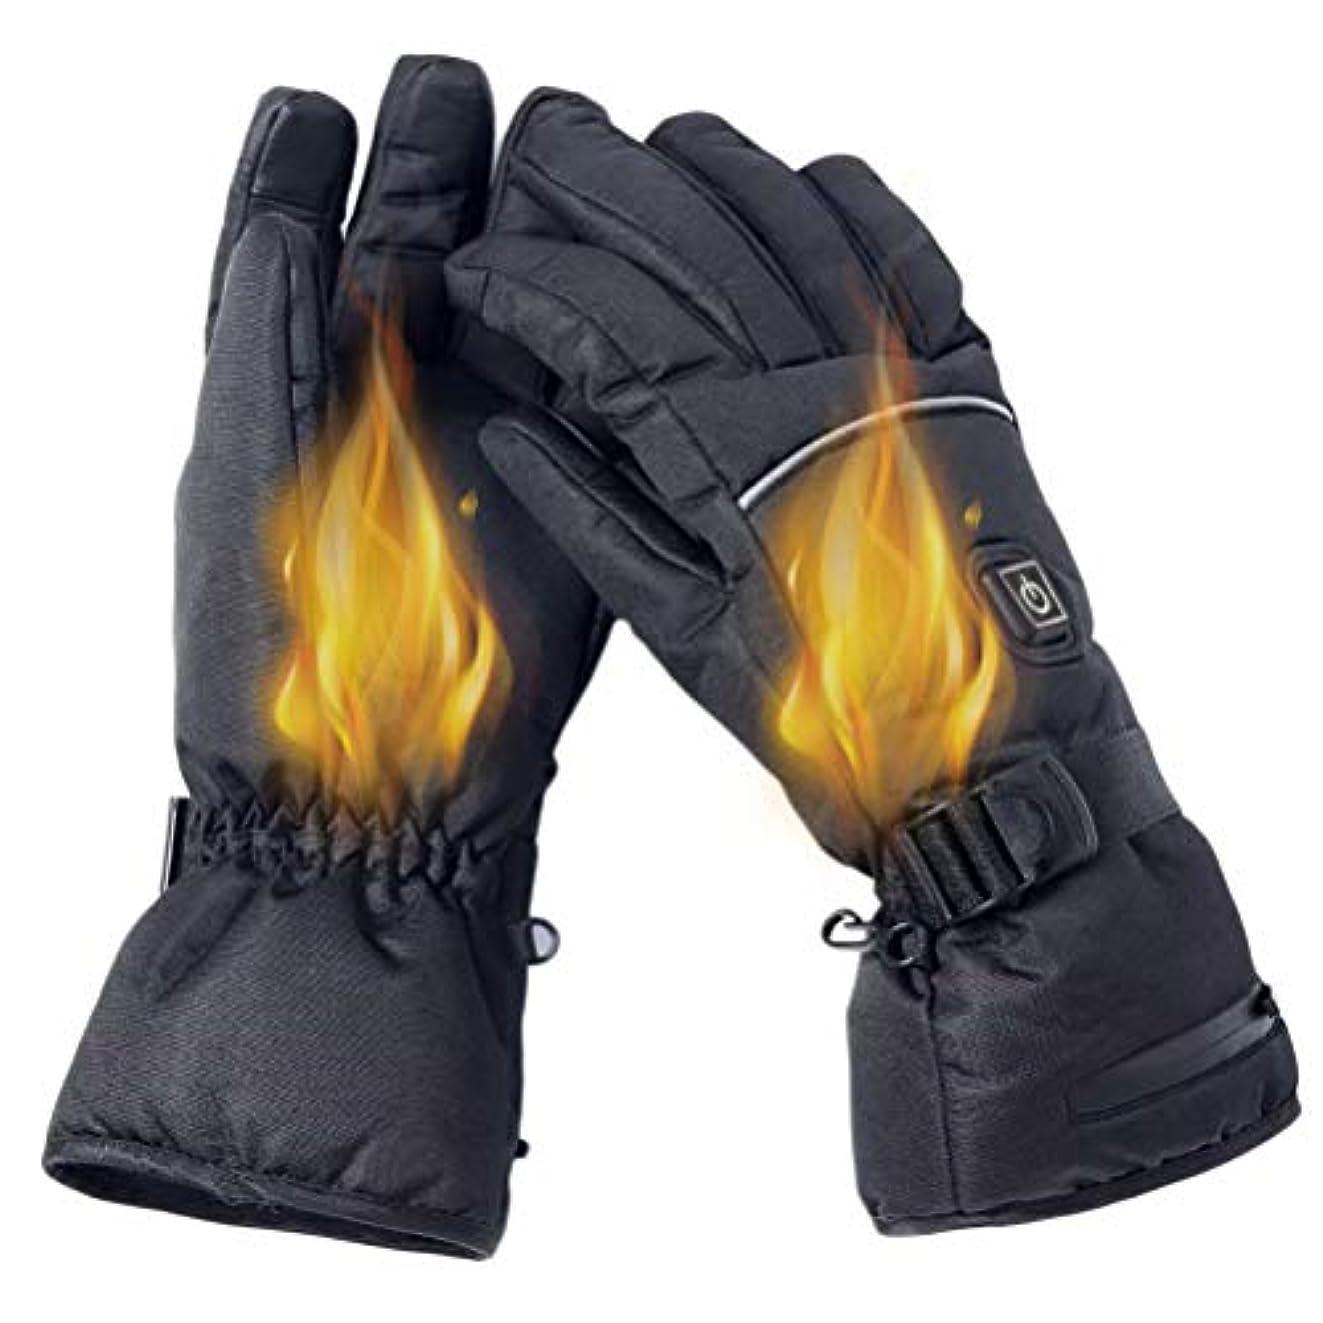 ロンドン恐れ油TAIPPAN 電気加熱手袋冬暖かい手袋3レベル温度調節可能な手袋防寒 スポーツグローブ